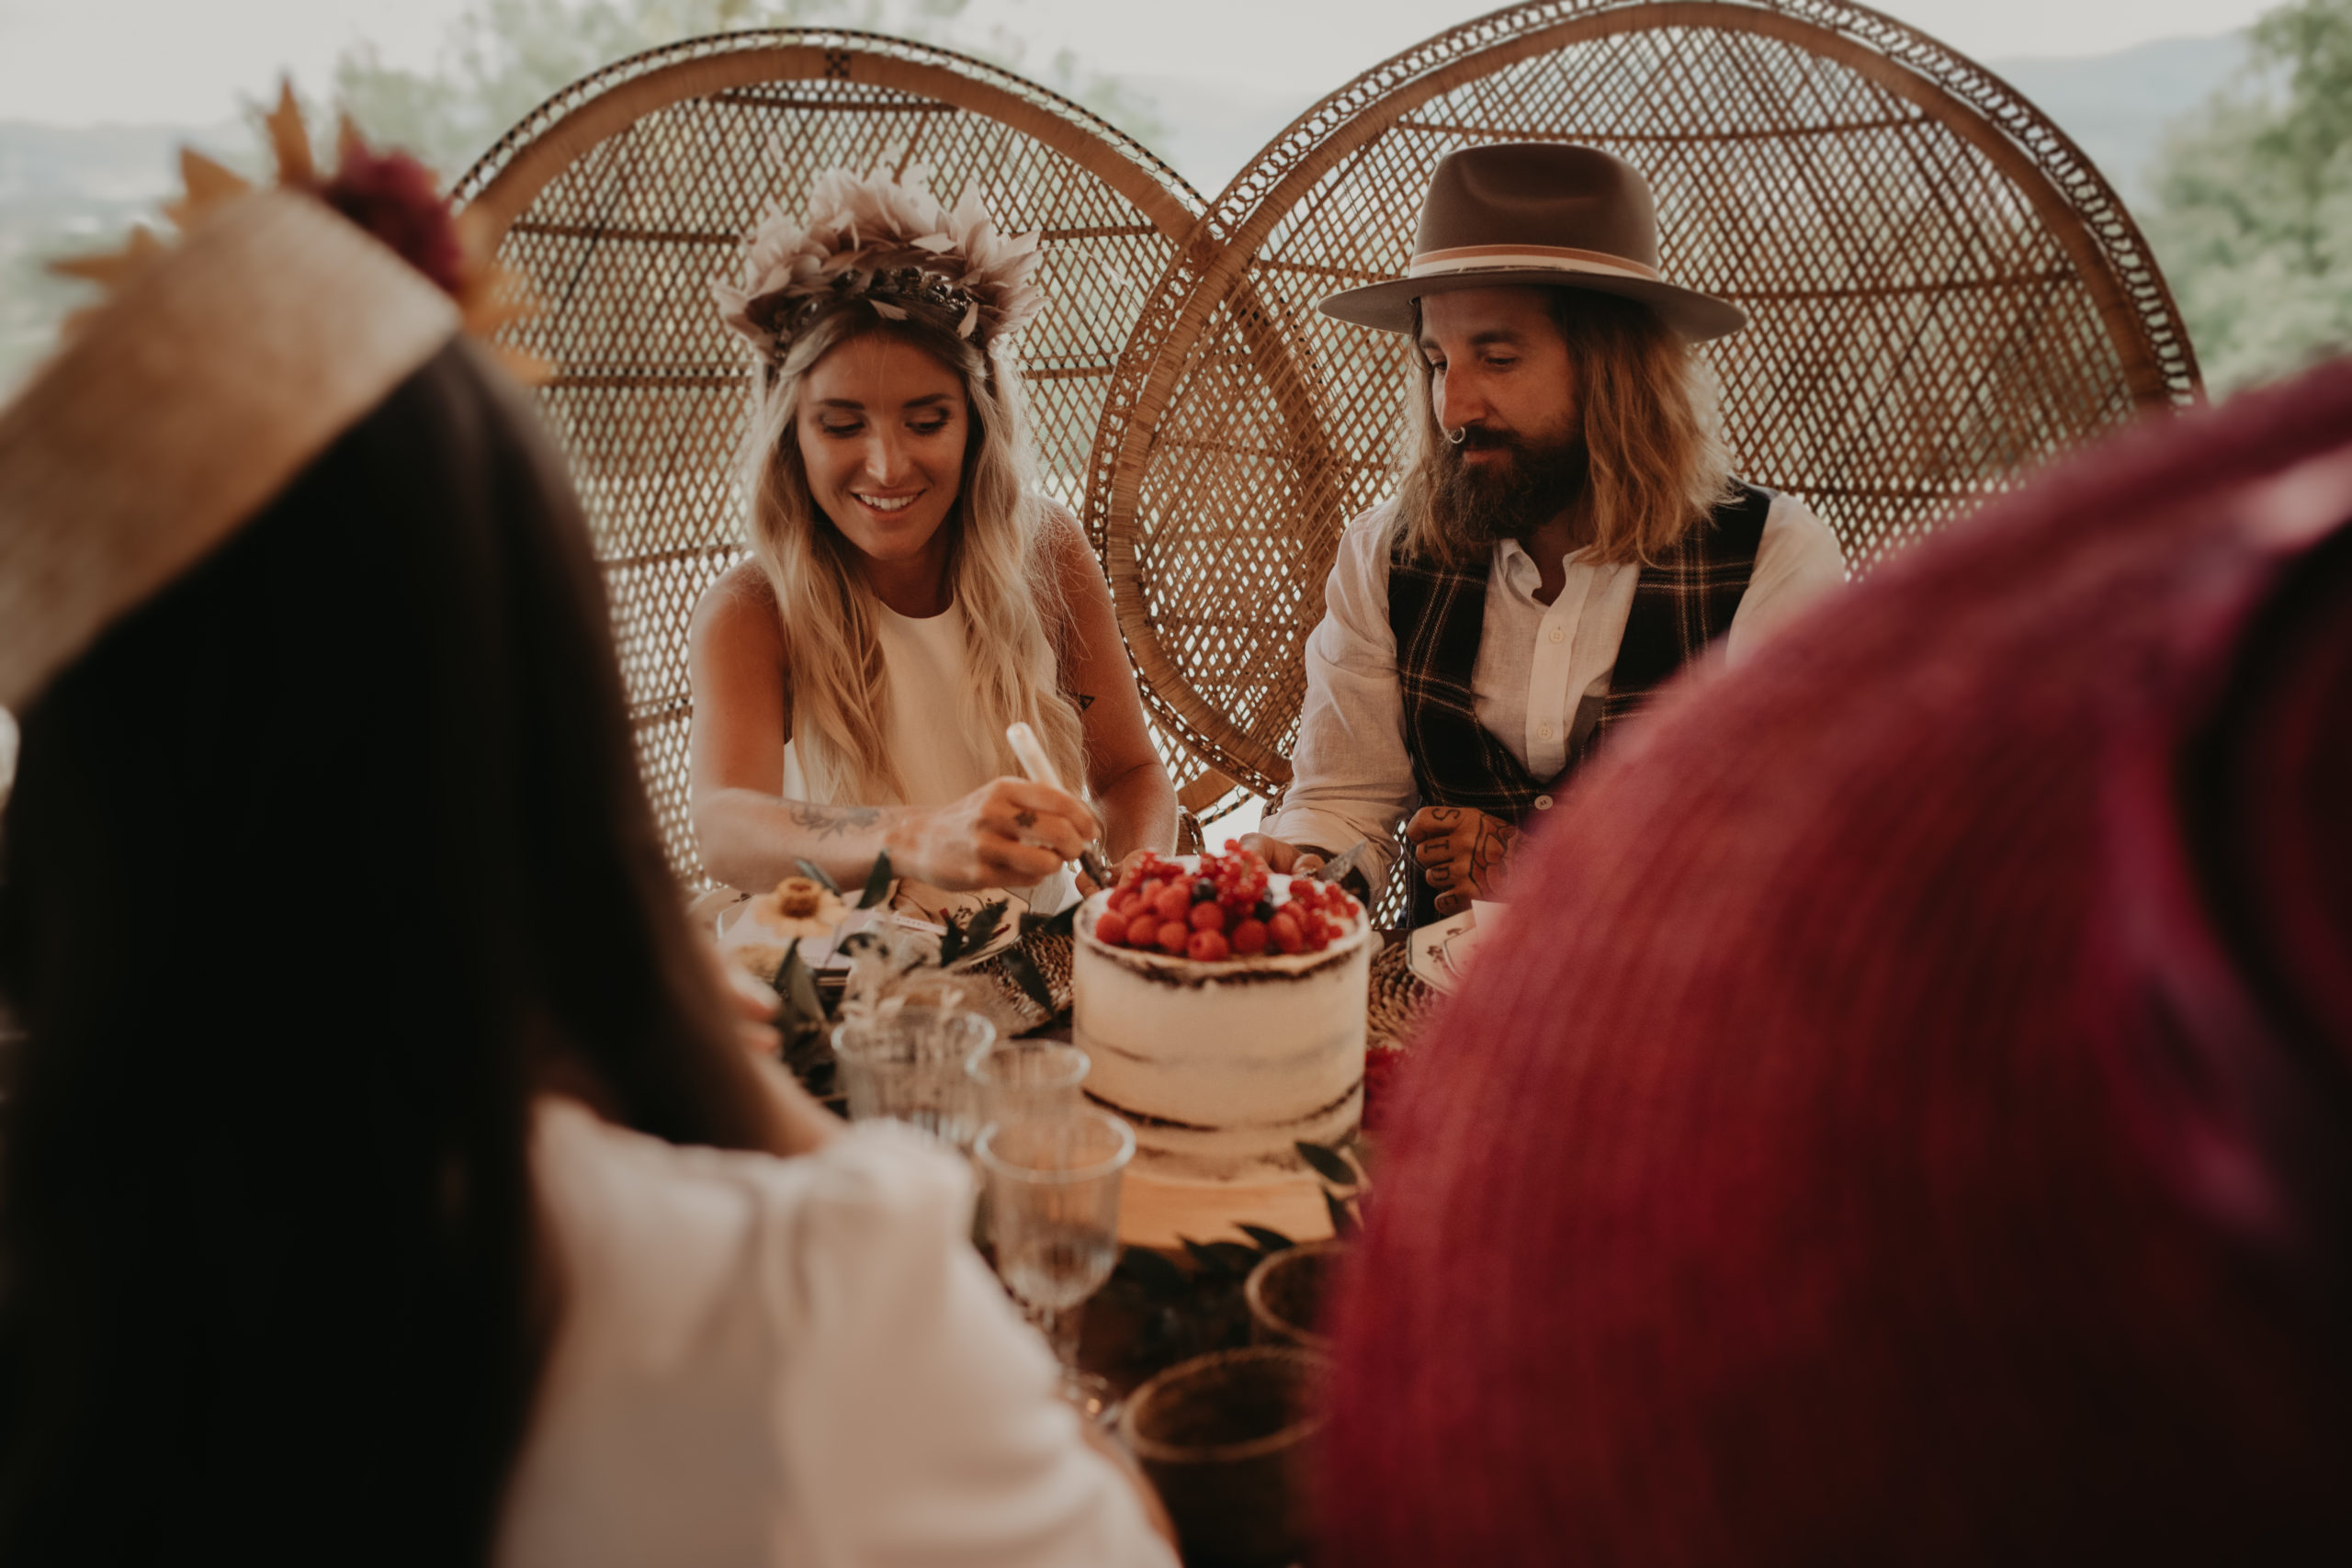 Los novios haciendo el corte de la tarta nupcial durante el banquete de boda